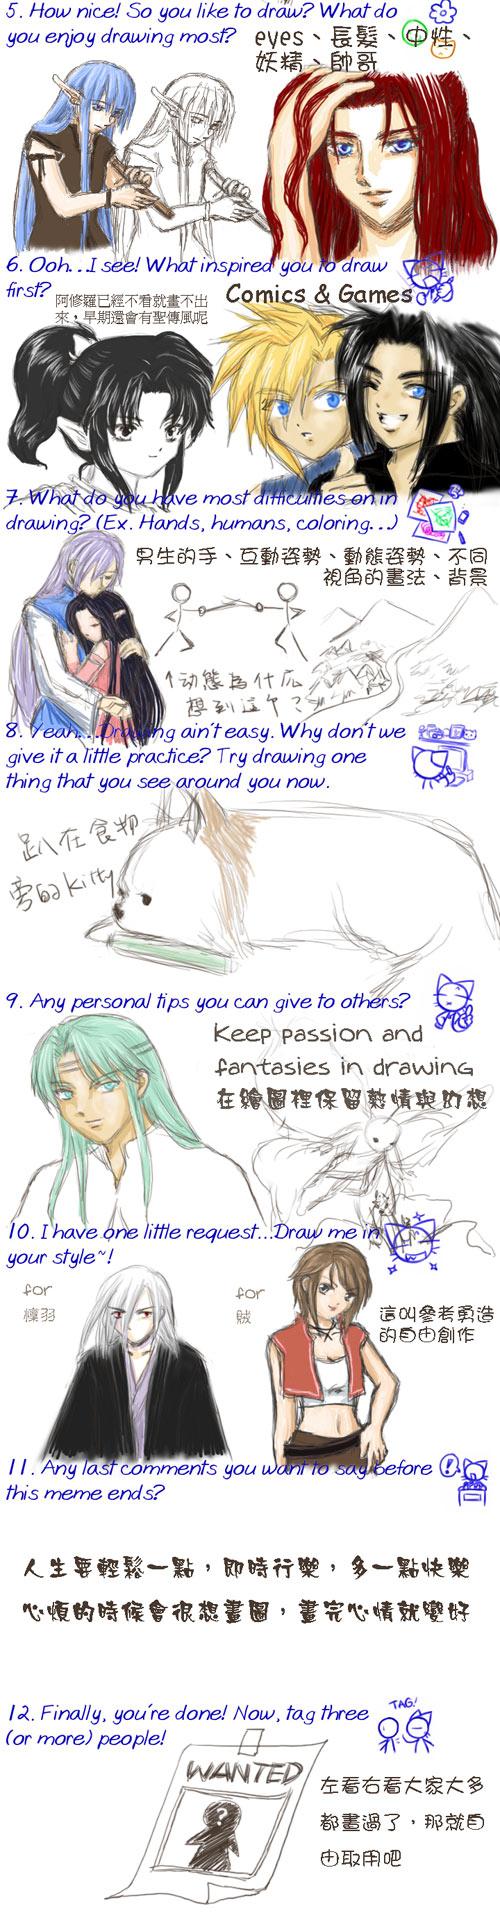 Art_Meme_by_nyu-2